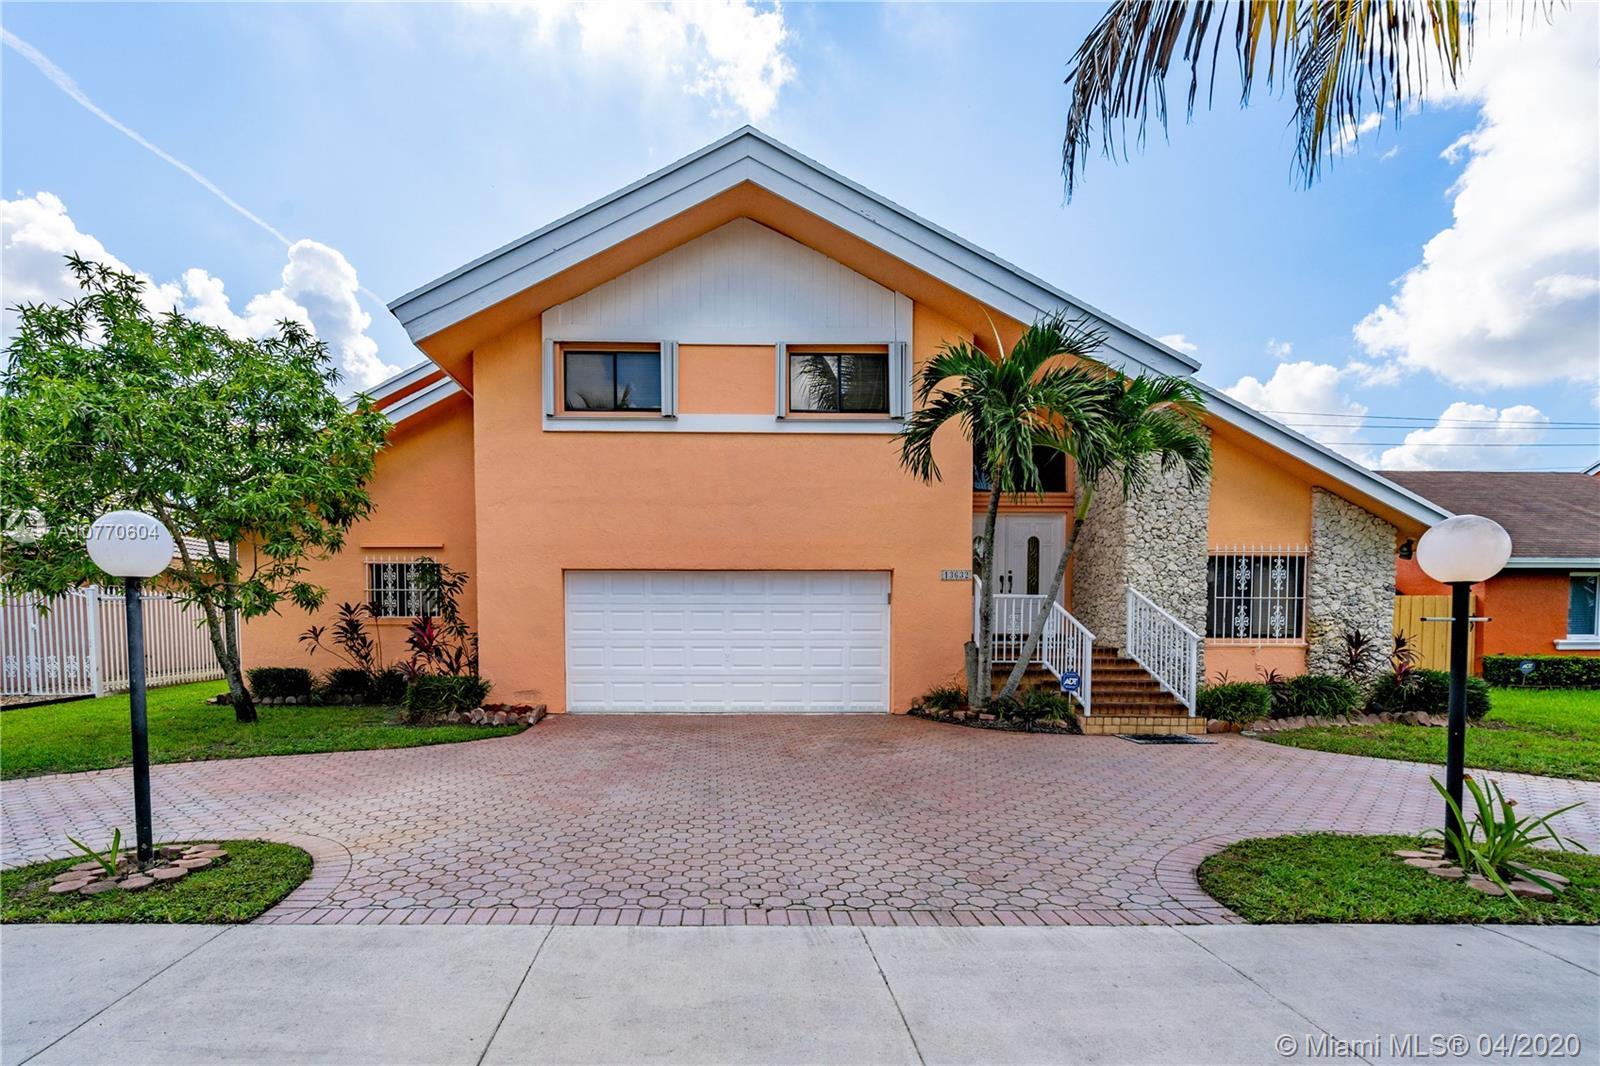 13632 SW 119th Ter, Miami, FL 33186 - Miami, FL real estate listing